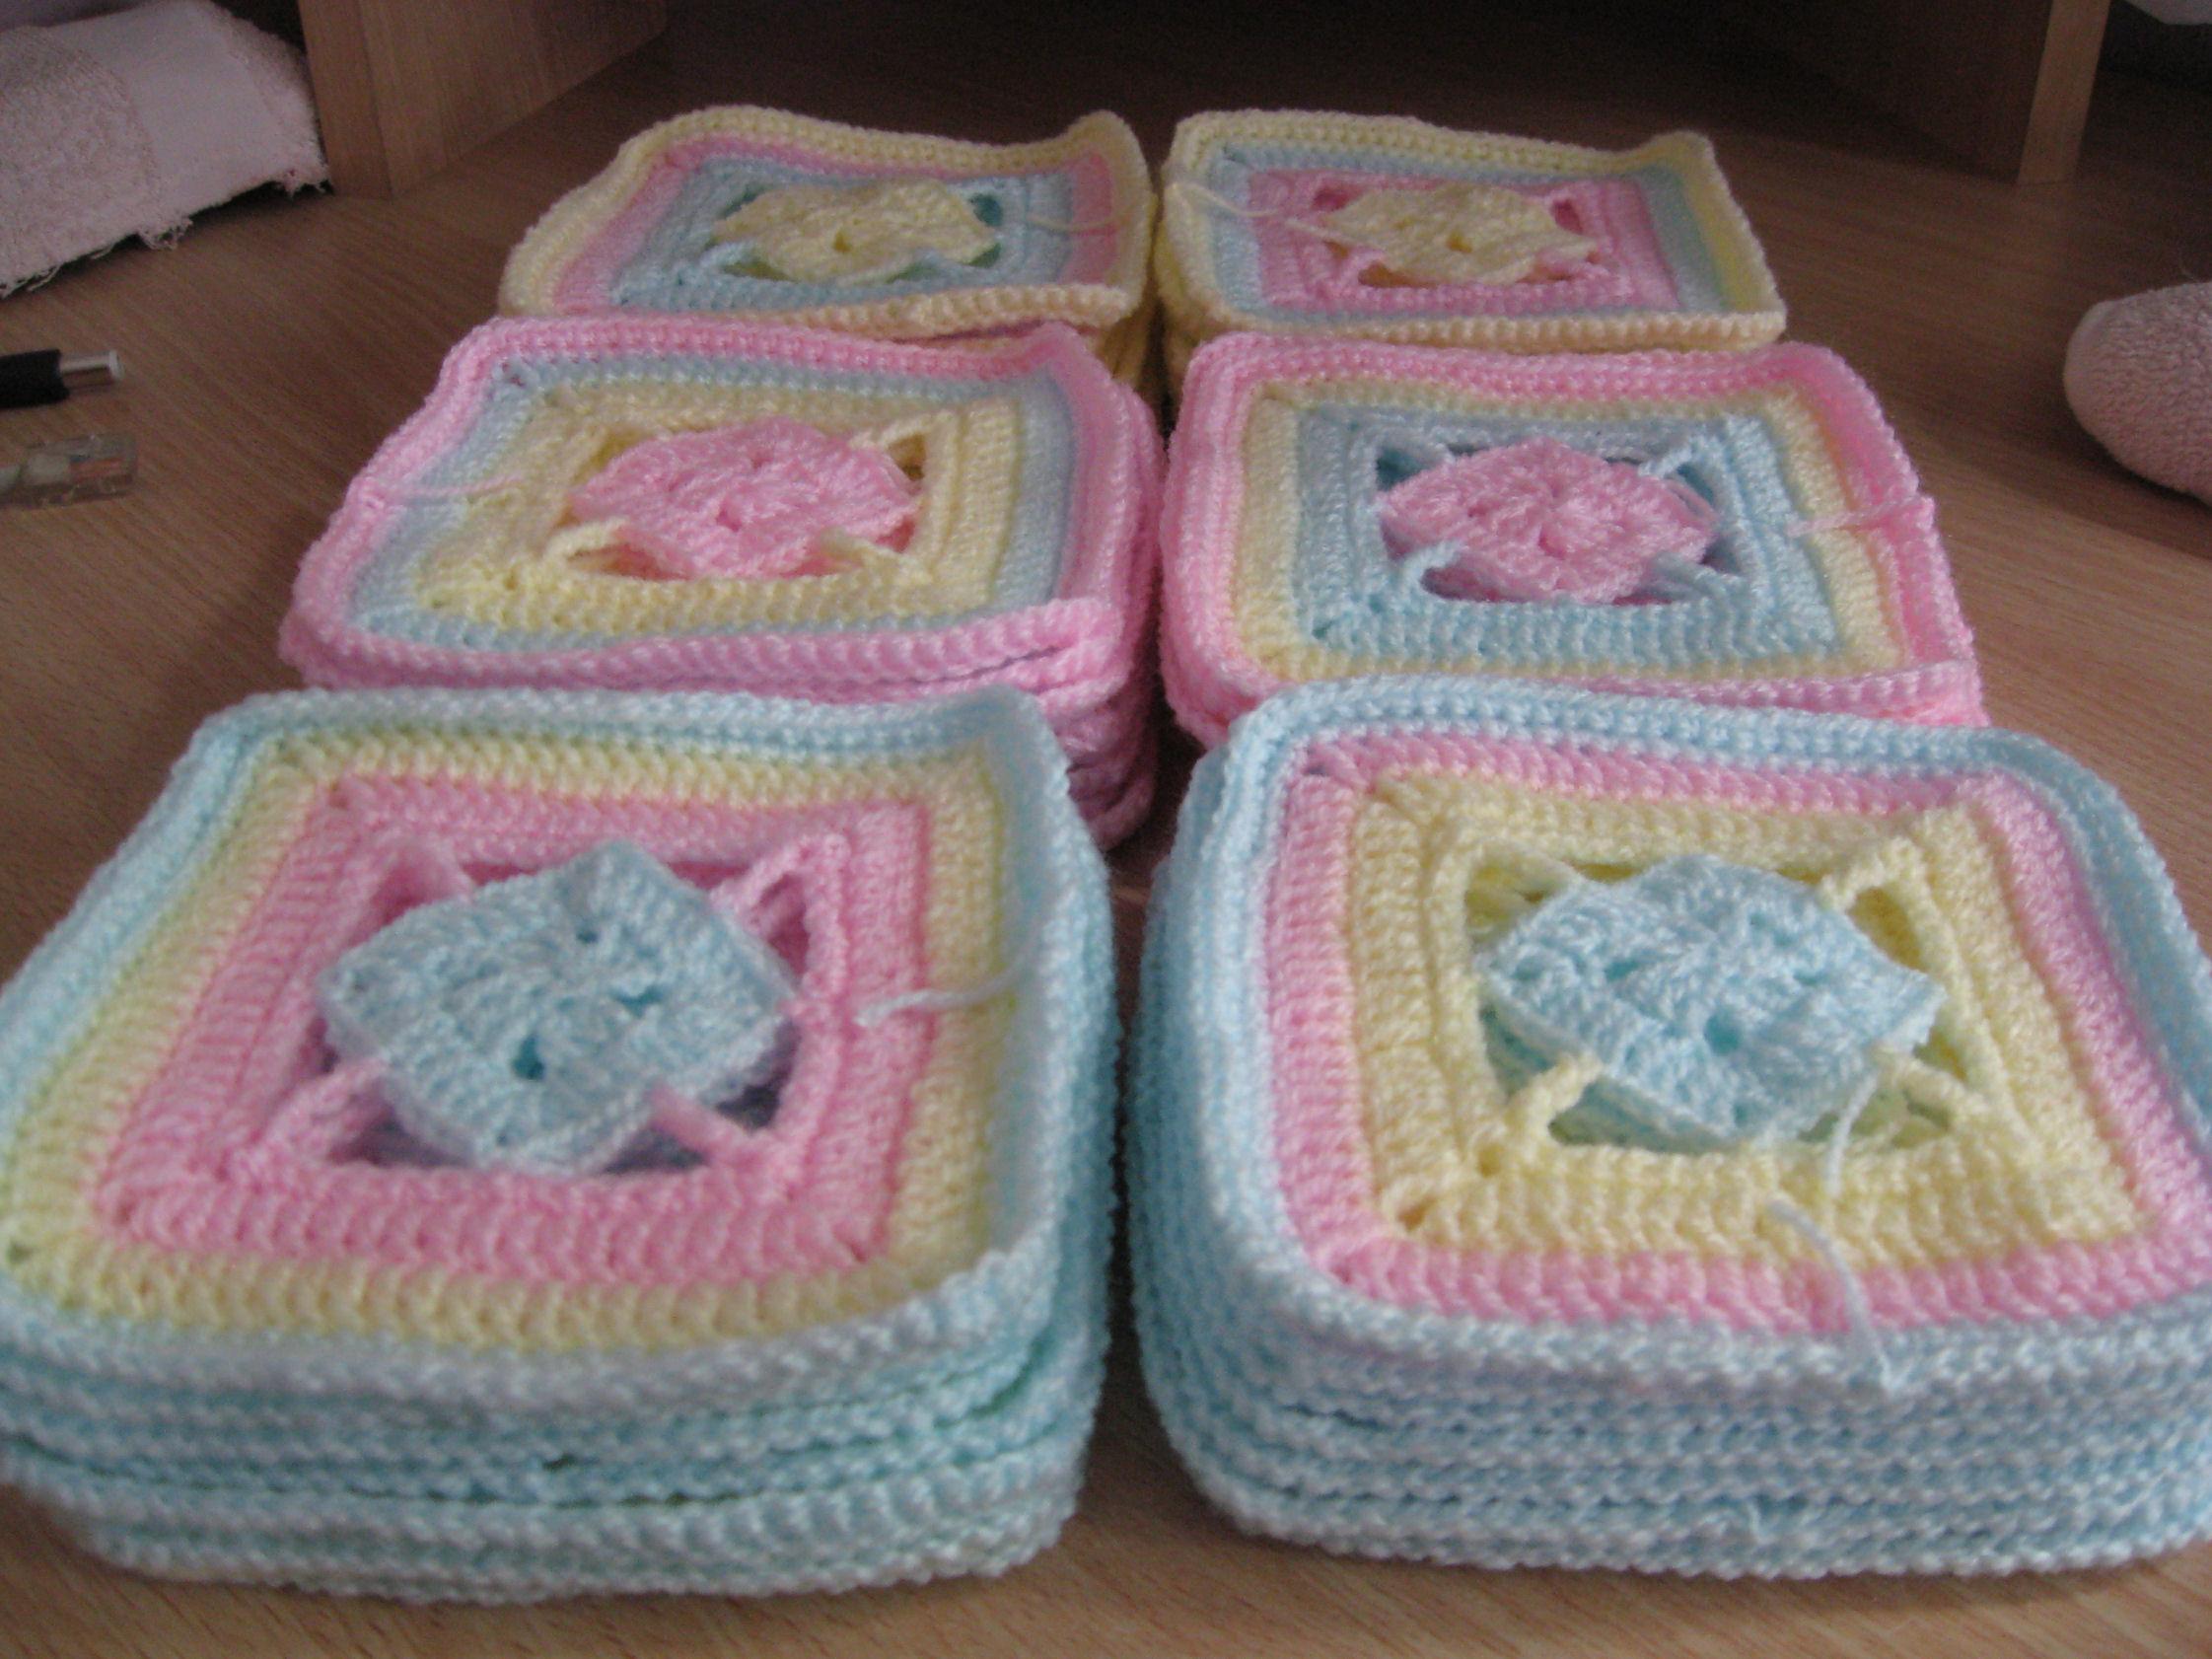 Cuadraditos de crochet imagui - Cuadraditos de crochet ...